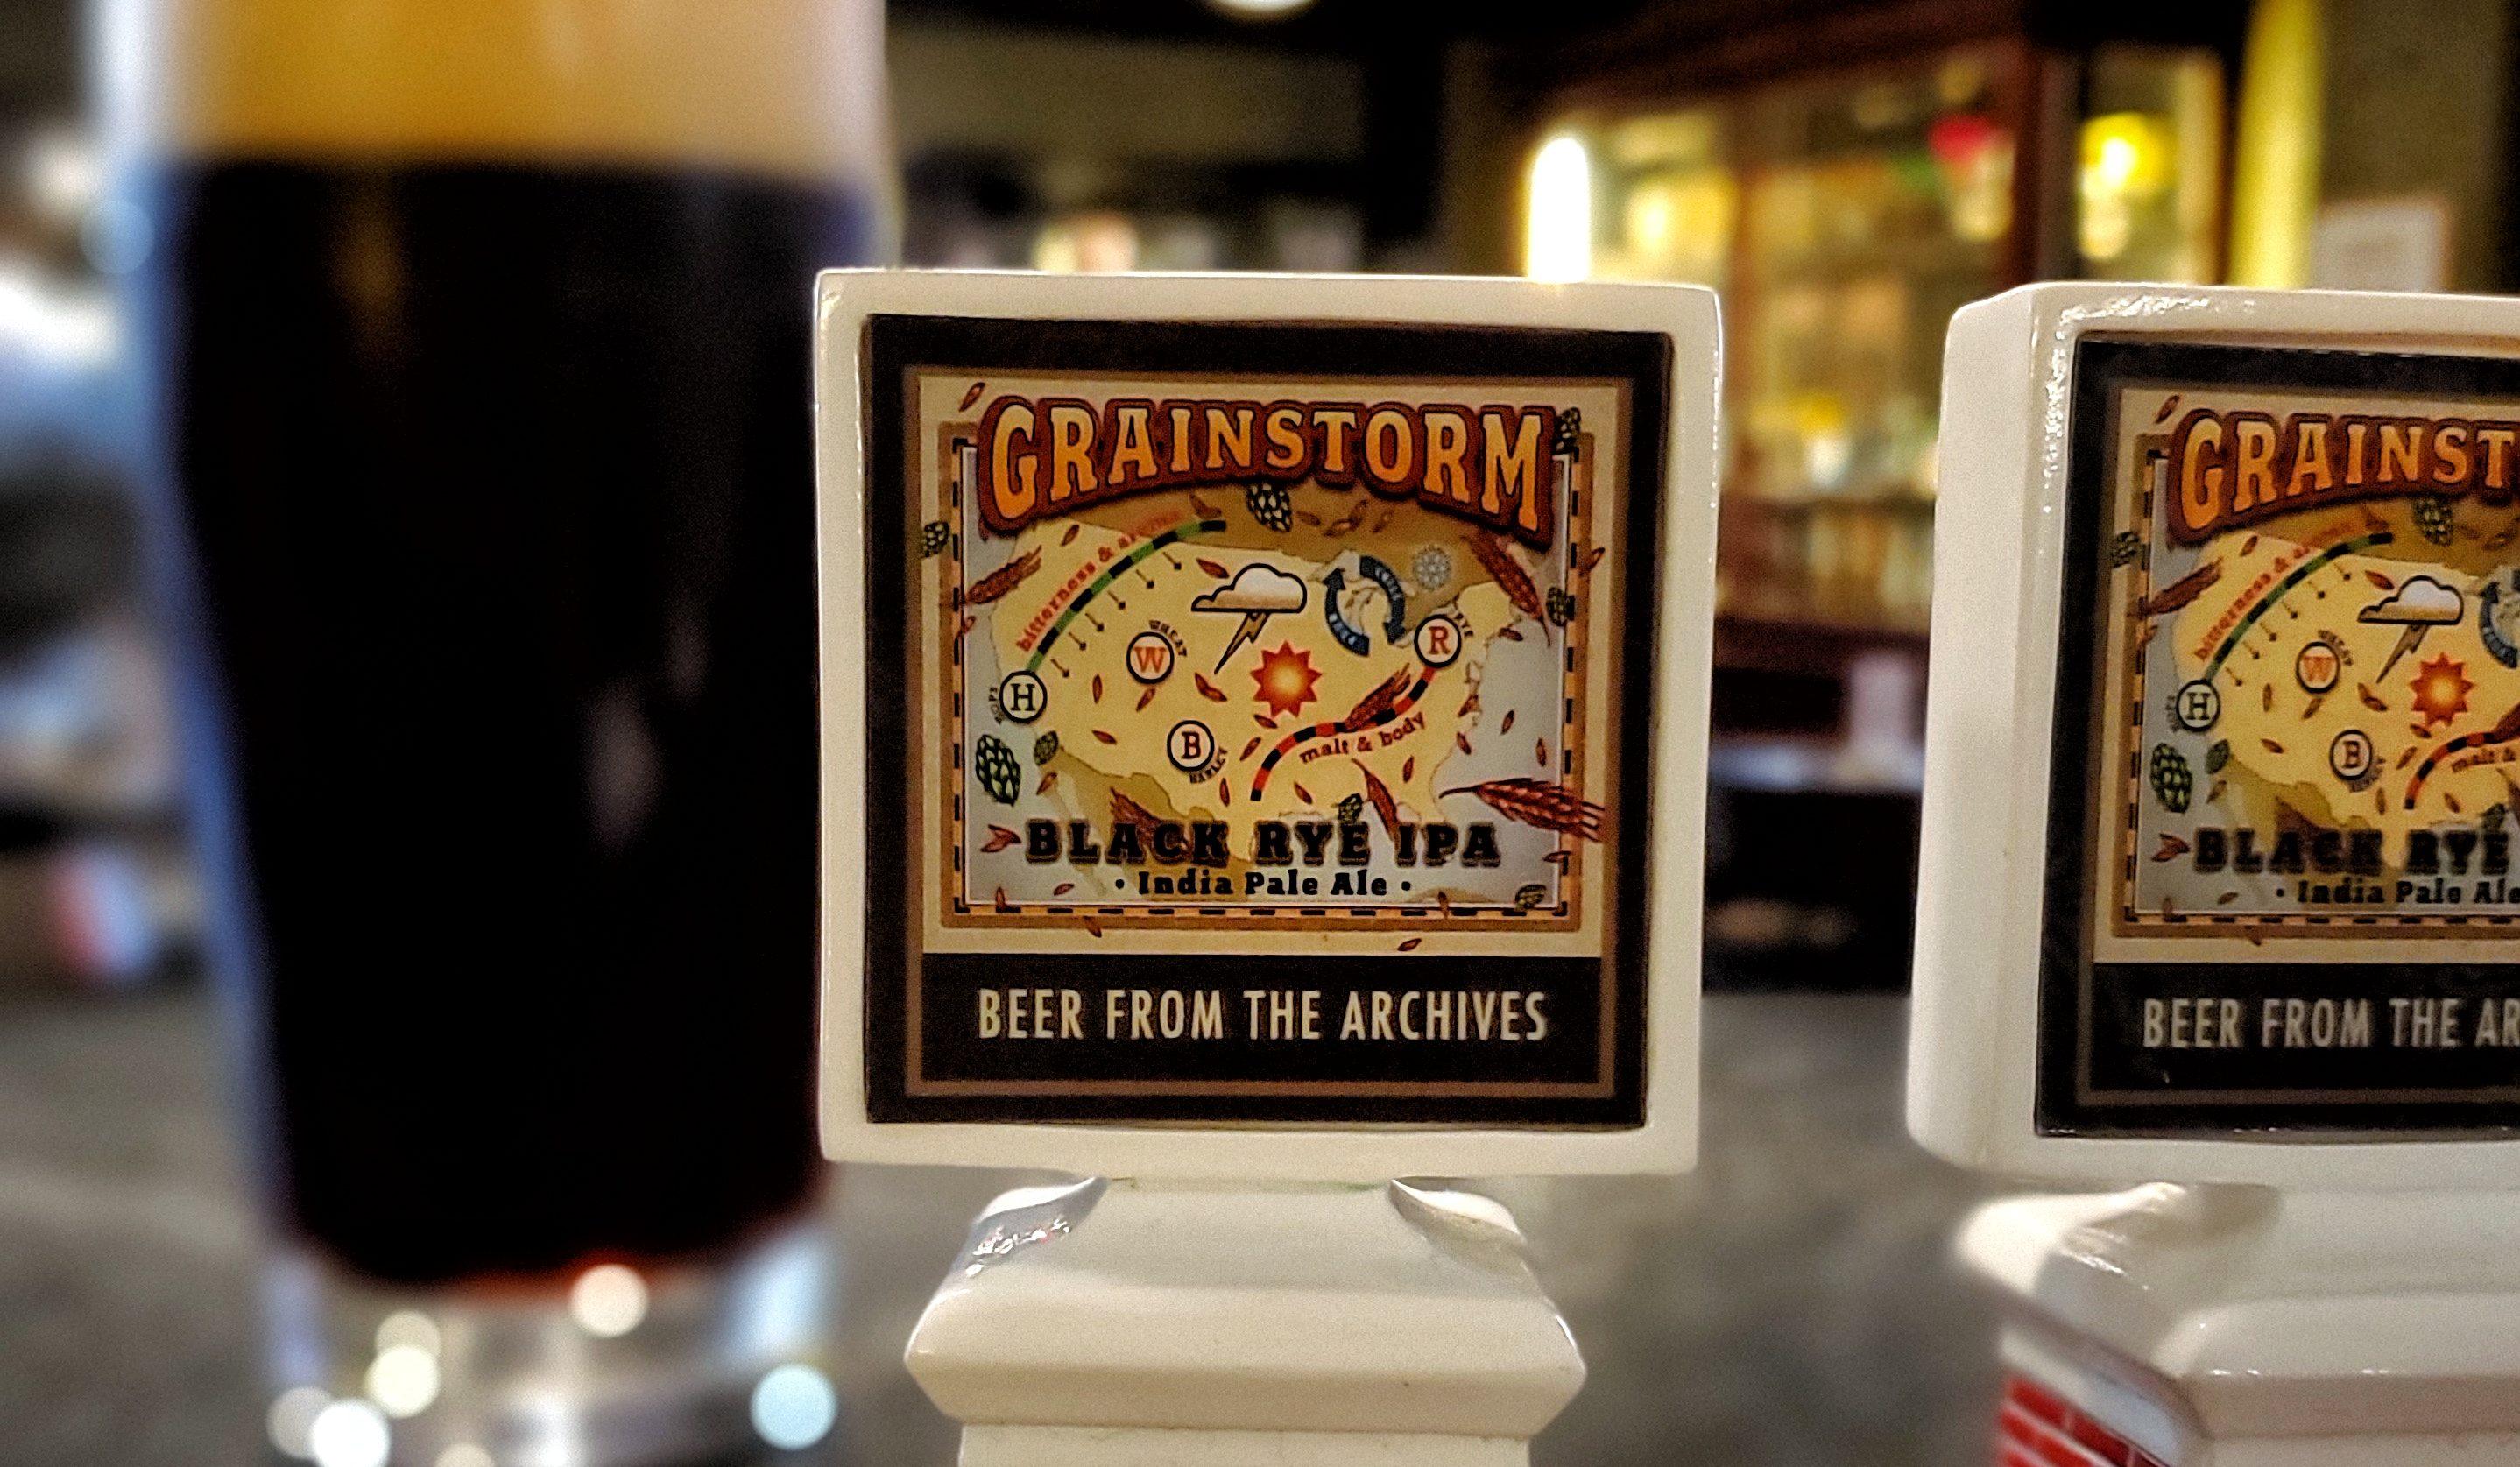 Grainstorm Black Rye IPA